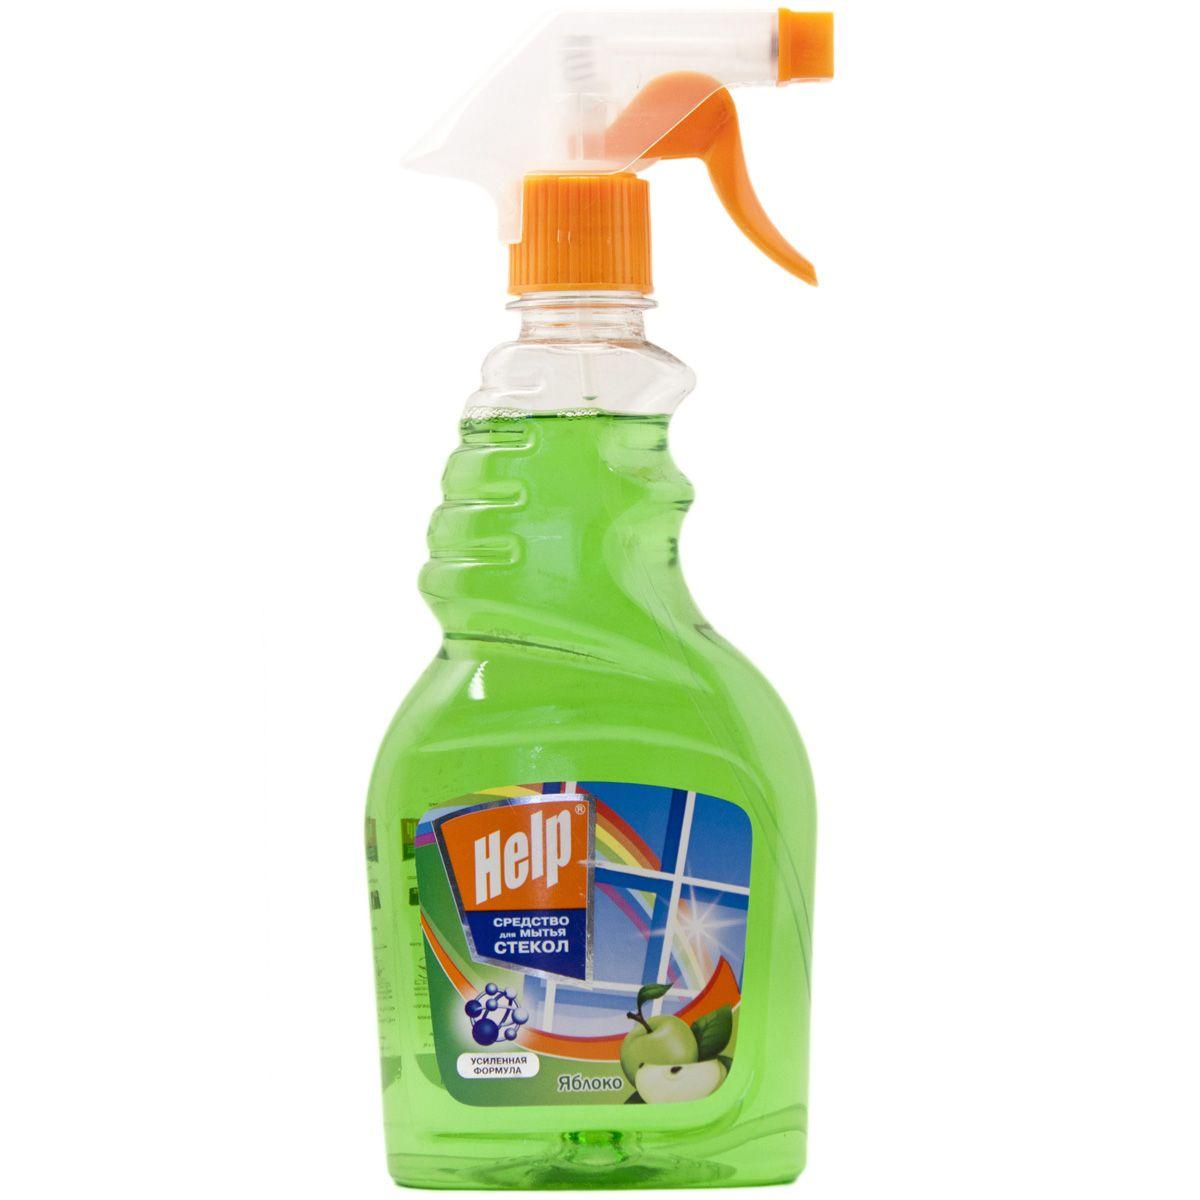 Средство для мытья стекол Help Яблоко, 500 мл4605845000459Эффективное средство для мытья стекол, окон, зеркал.Удаляет пятна. Смывает грязь, следы от пальцев.Защищает от пыли и придает блеск.- Не оставляет разводов